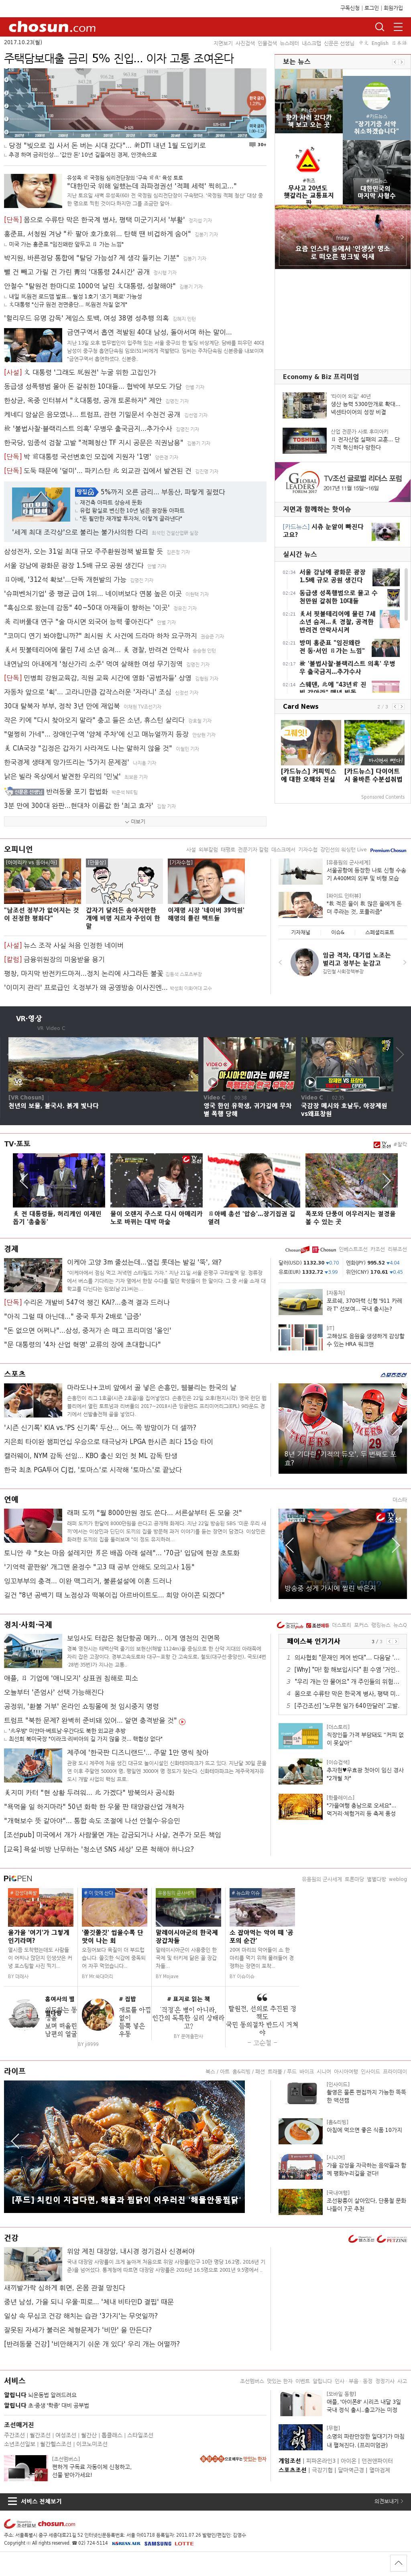 chosun.com at Monday Oct. 23, 2017, 3:01 a.m. UTC